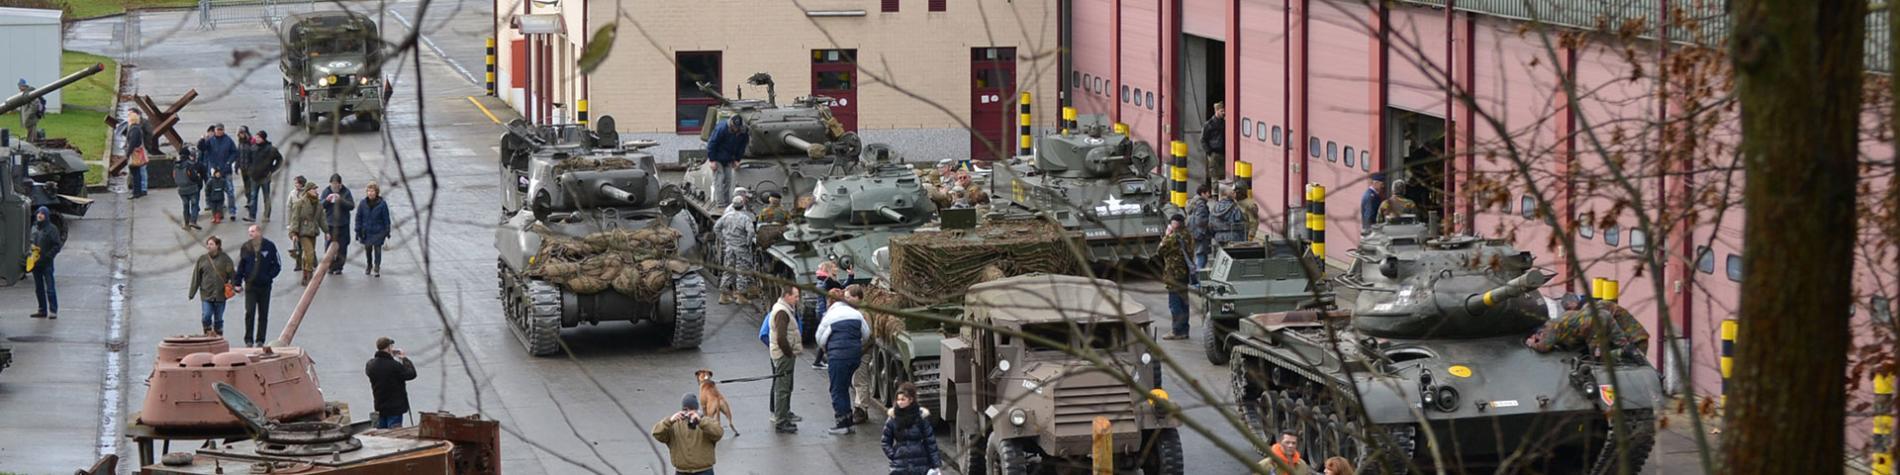 Bastogne Barracks - centre d'interprétation - Seconde Guerre Mondiale - Nuts - Bataille des Ardennes